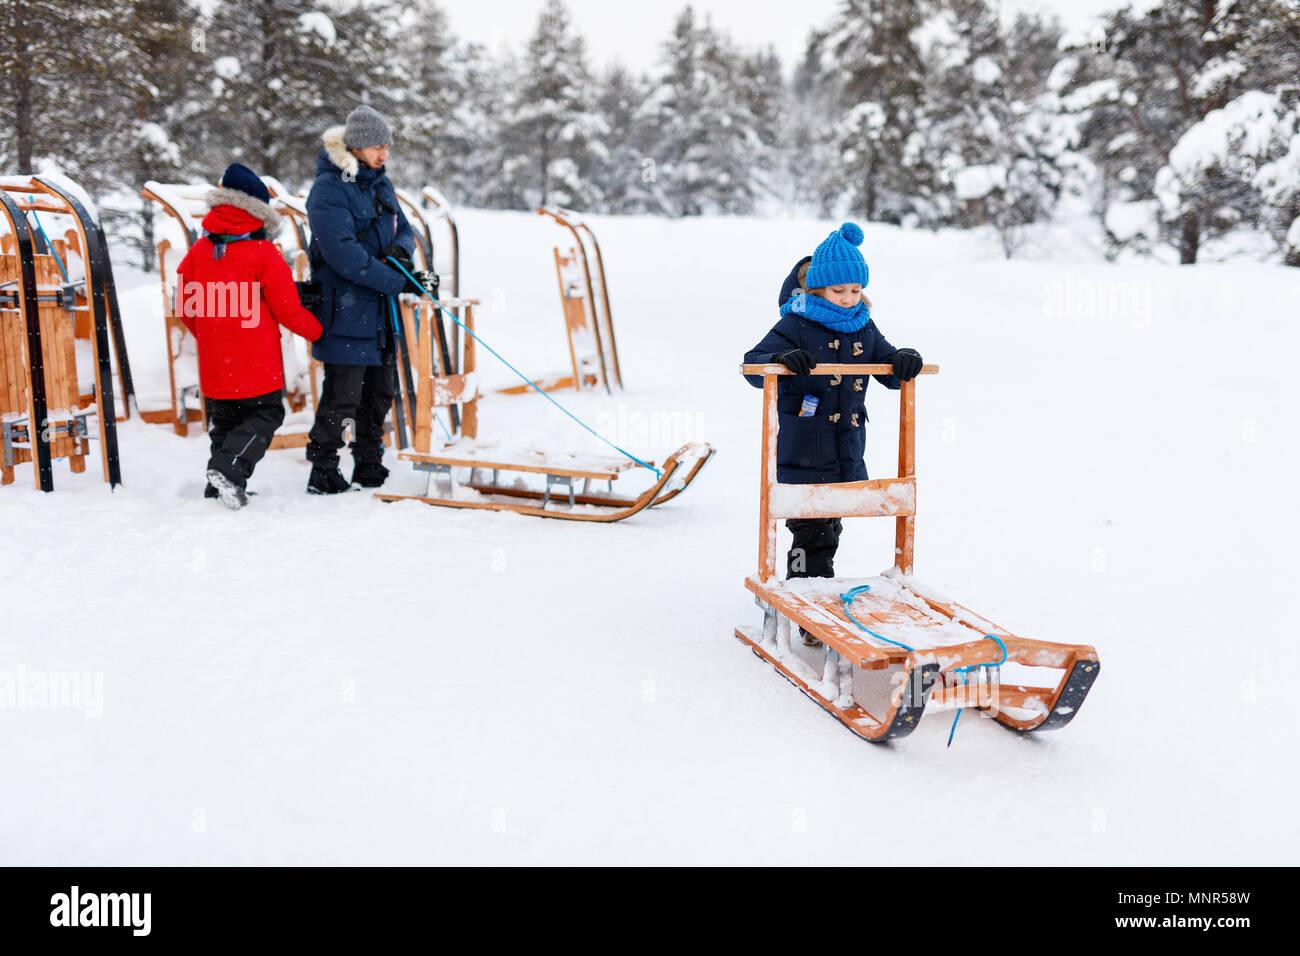 Belle famille du père et les enfants bénéficiant d'hiver neige journée en plein air, s'amusant de la luge Photo Stock